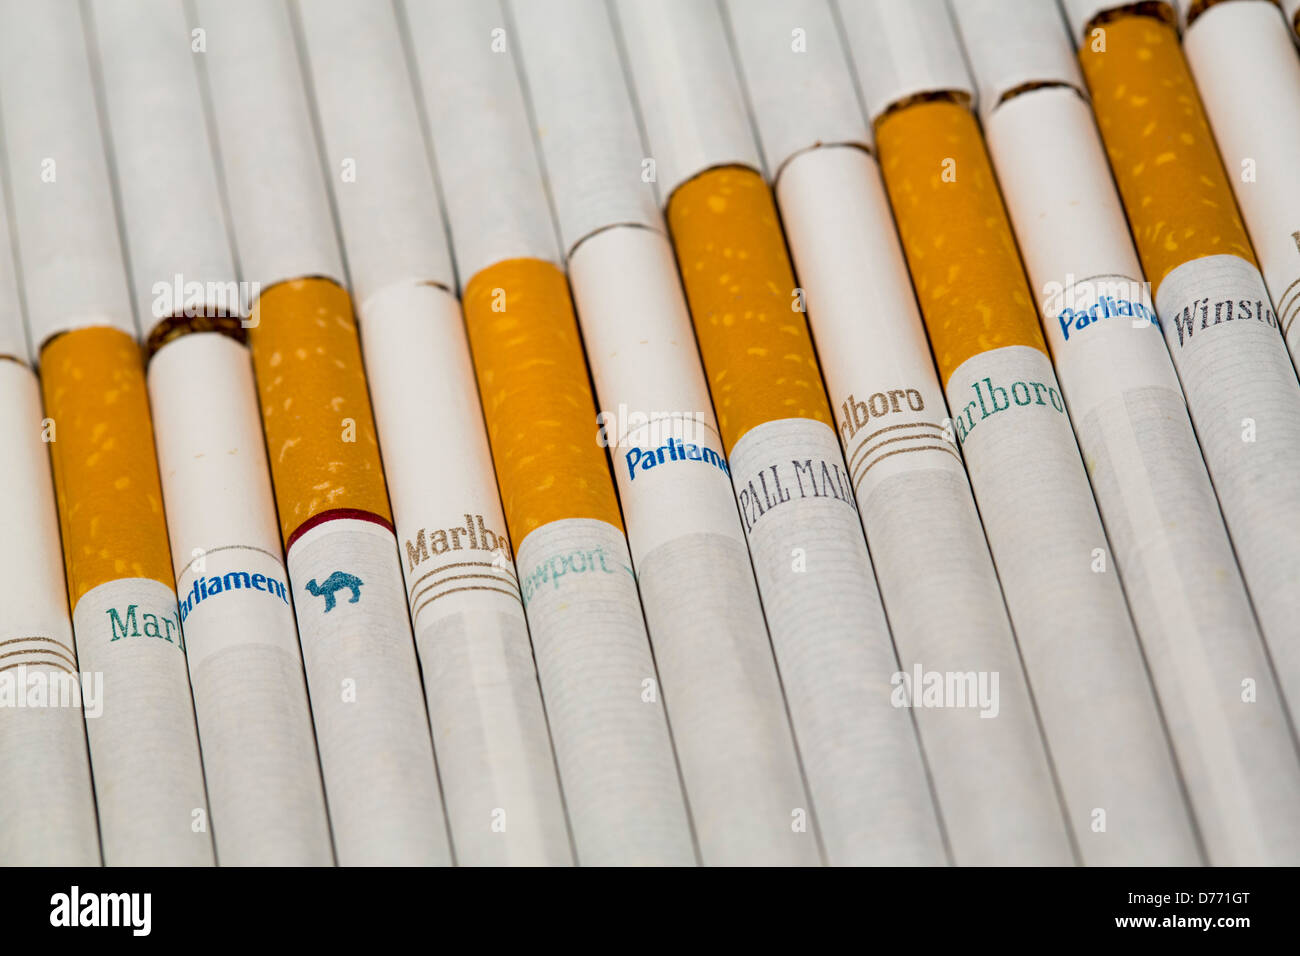 Order cigarettes Vogue online cheap